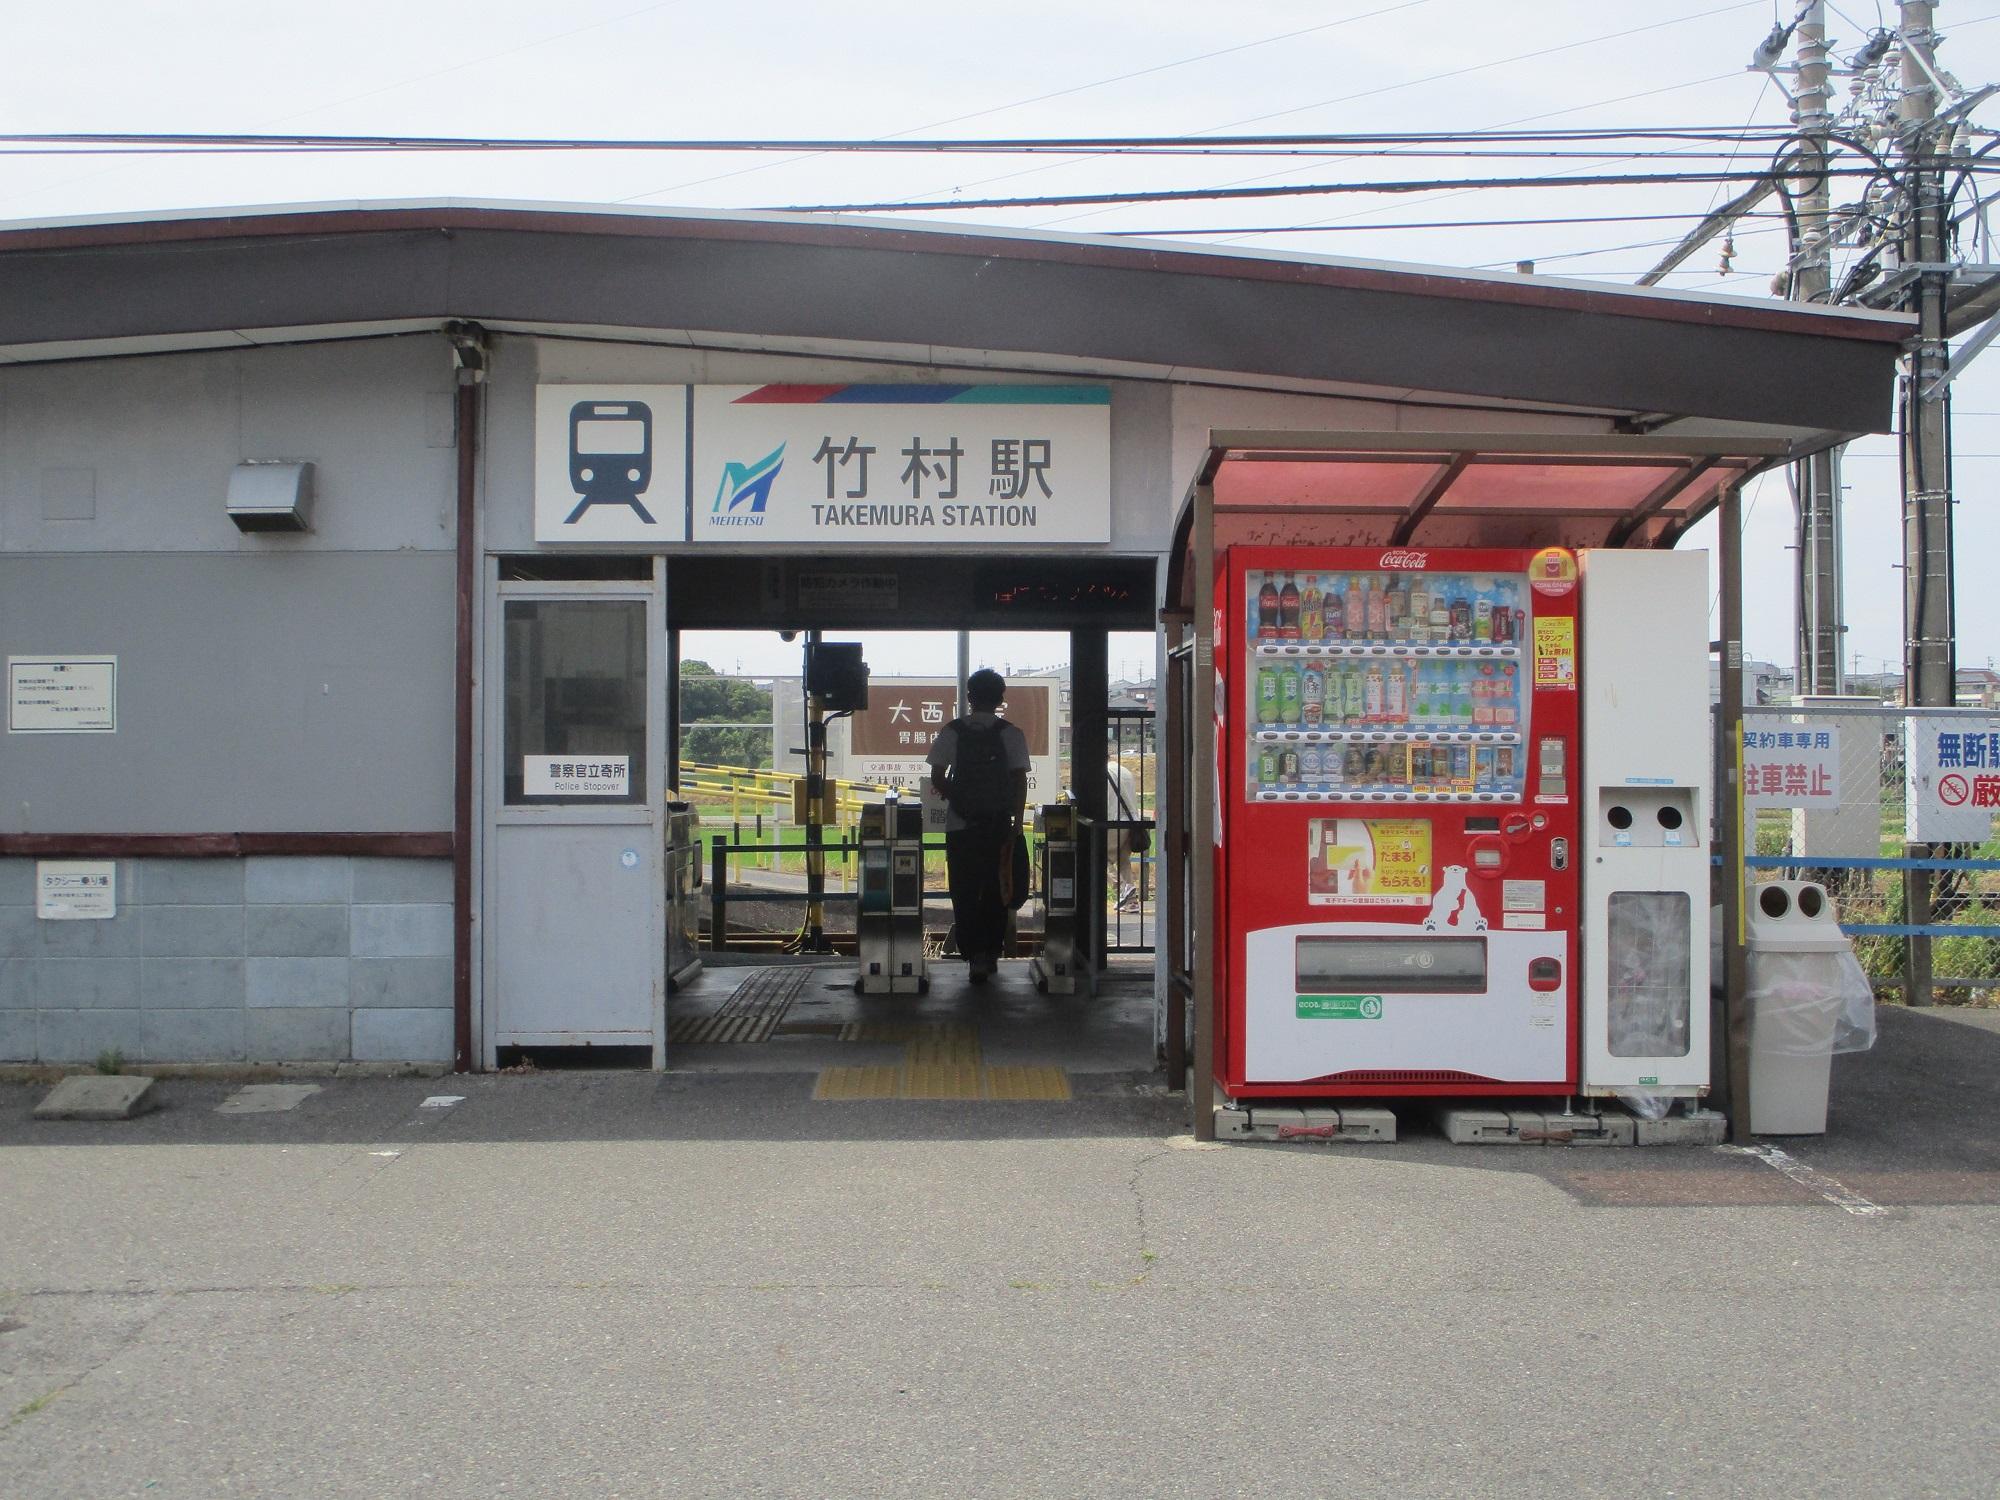 2020.6.9 (19) 竹村 - 駅舎 2000-1500